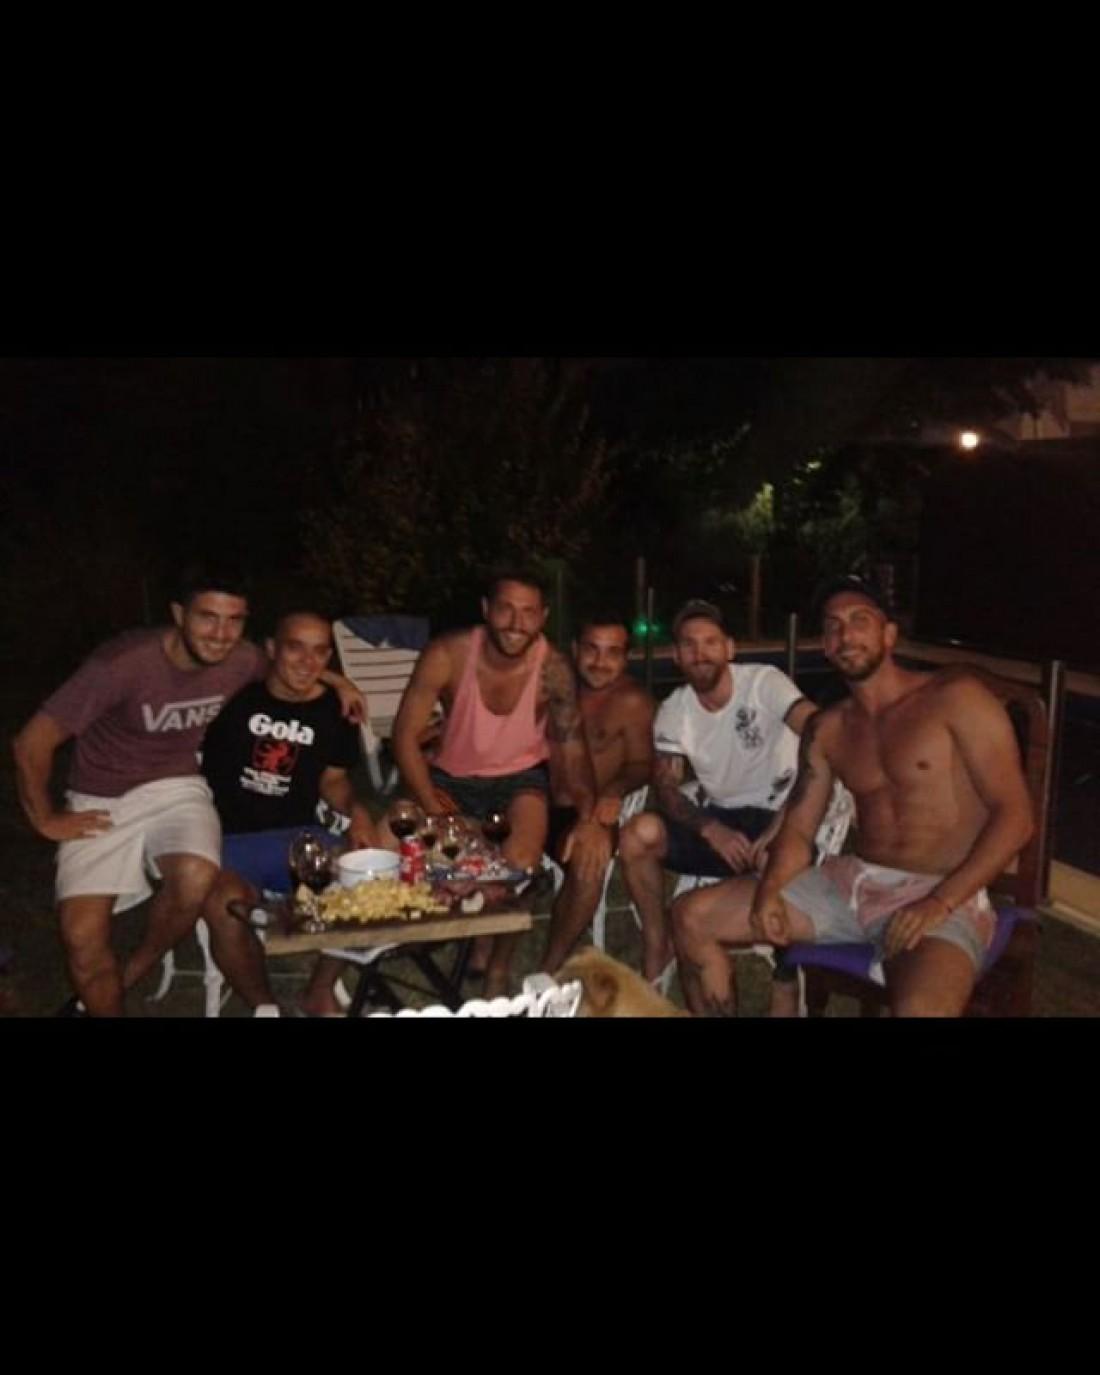 Команда Ньювелла, в которой Месси играл до переезда в Испанию